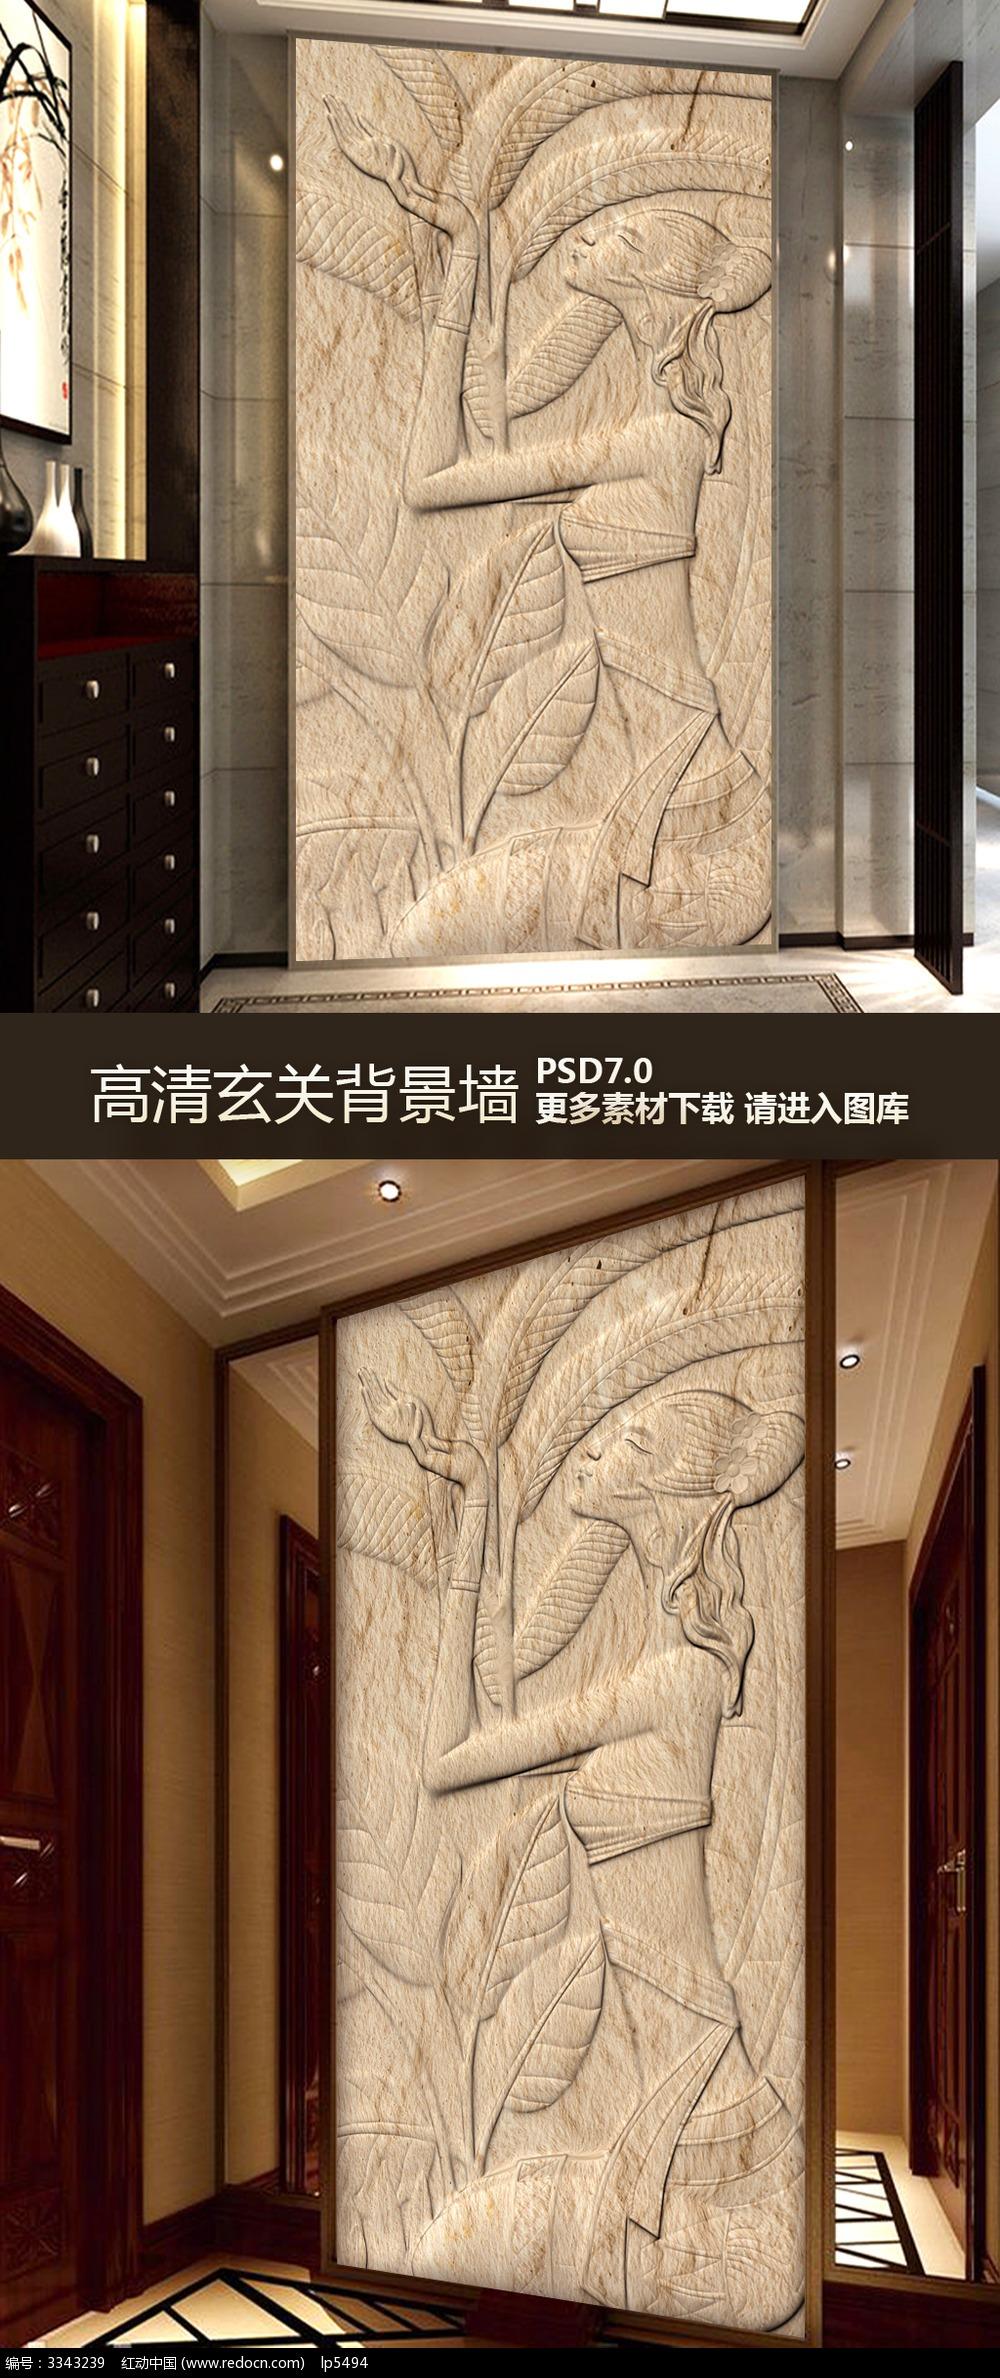 欧式玄关背景装饰画背景墙